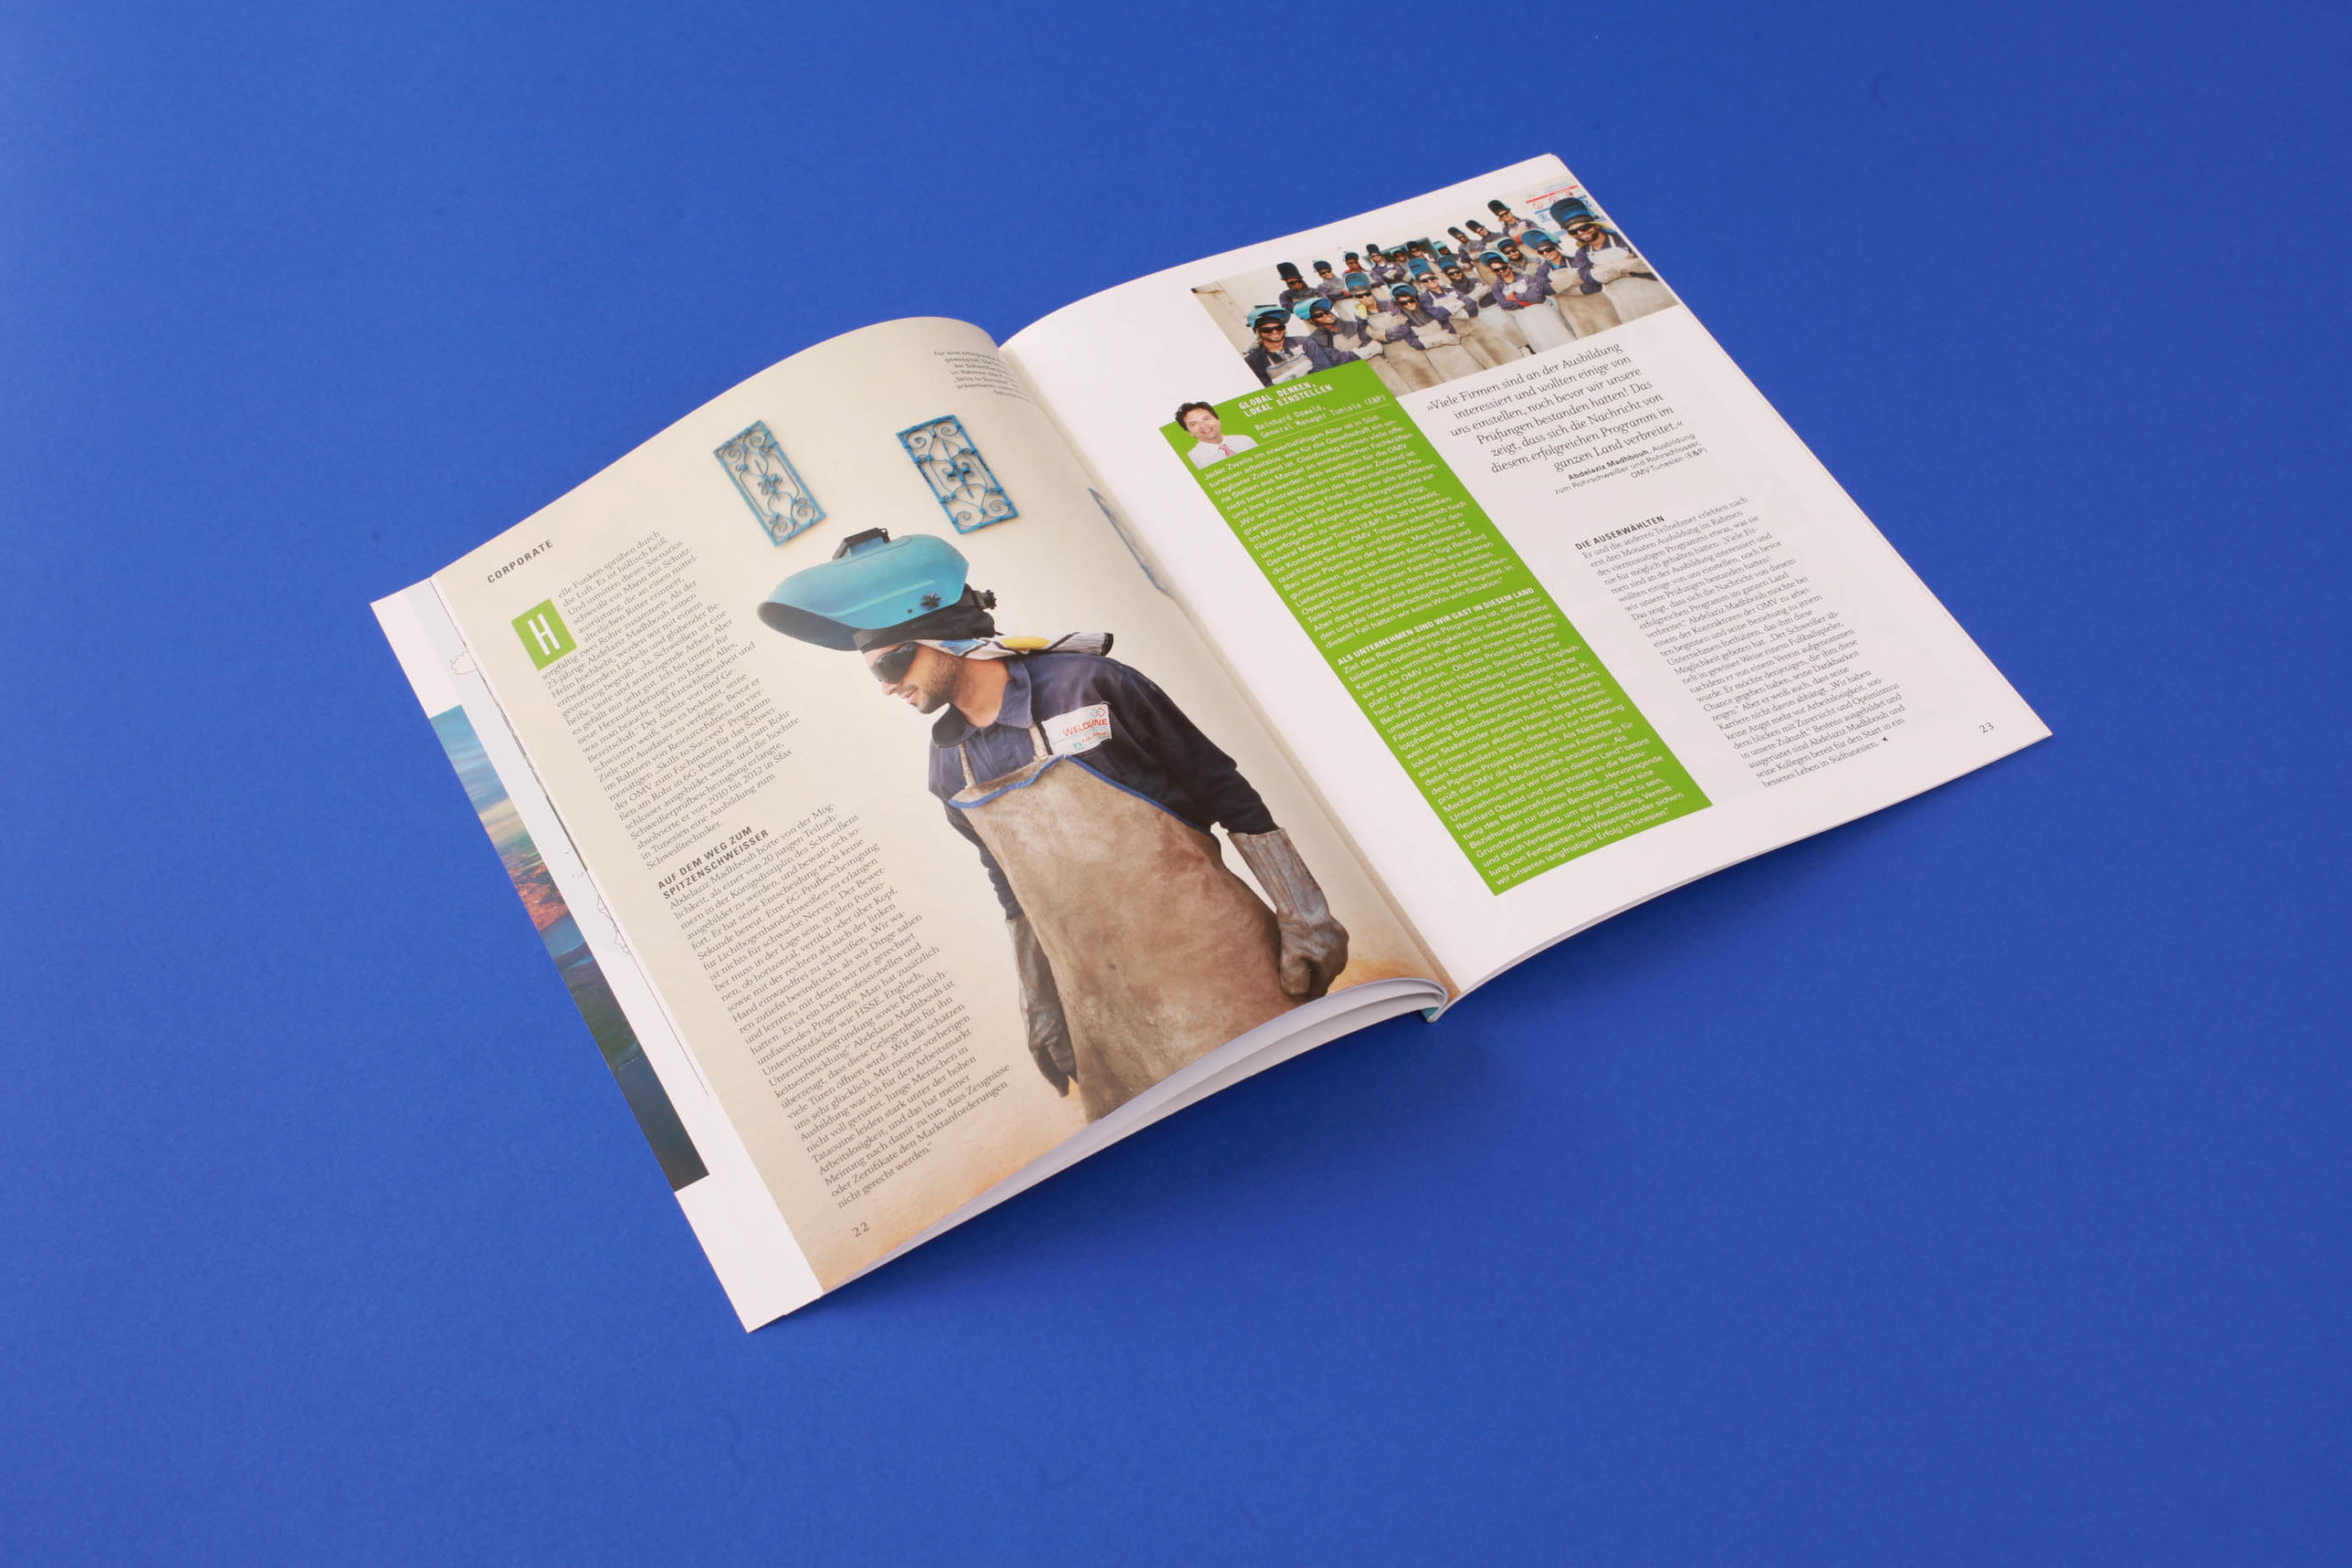 viktoria_platzer_omv_move_magazine_3